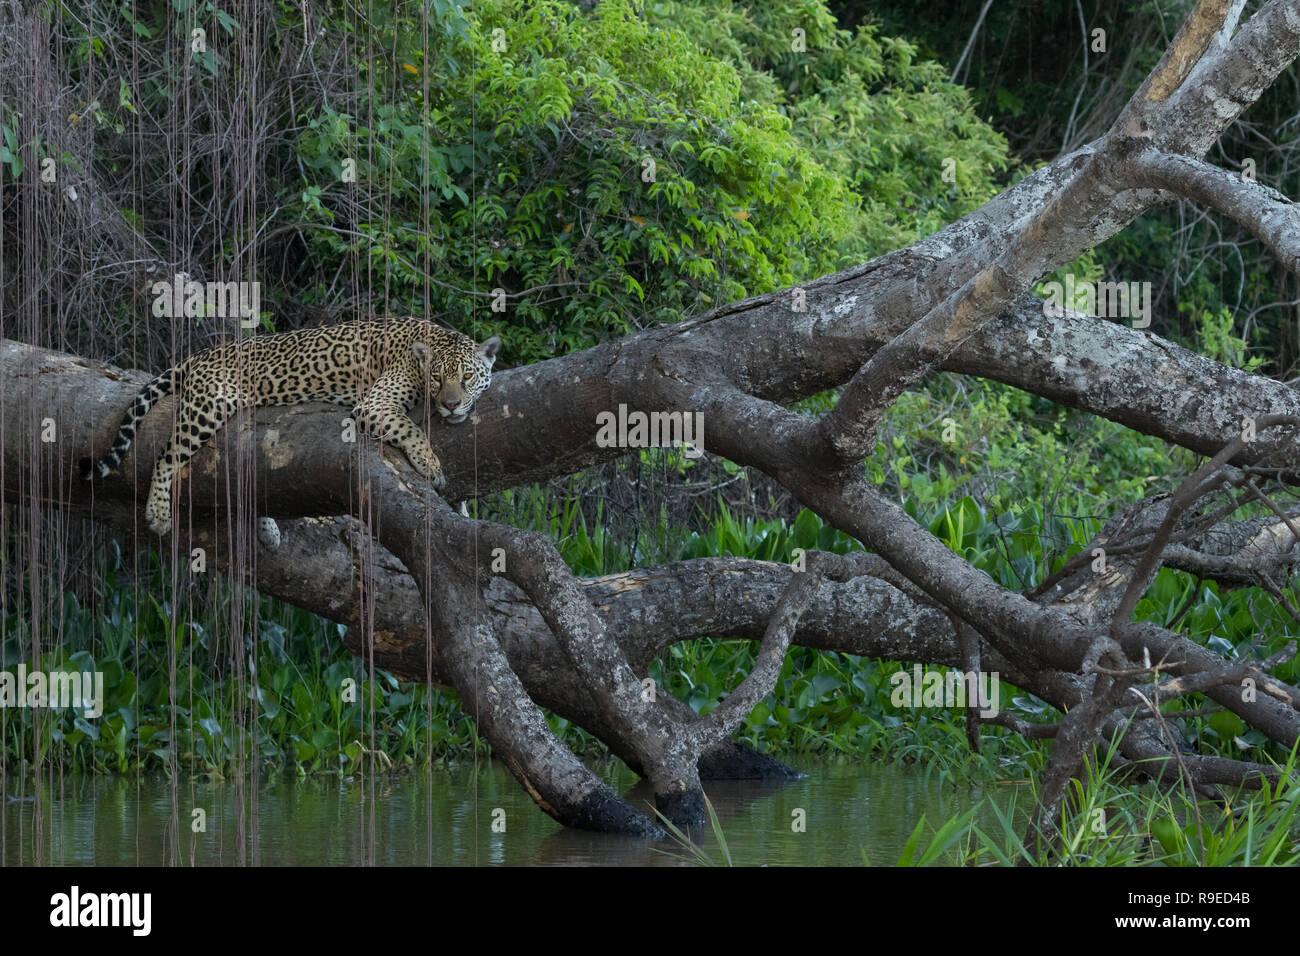 Jaguar in Porto Jofre, Brazil - Stock Image